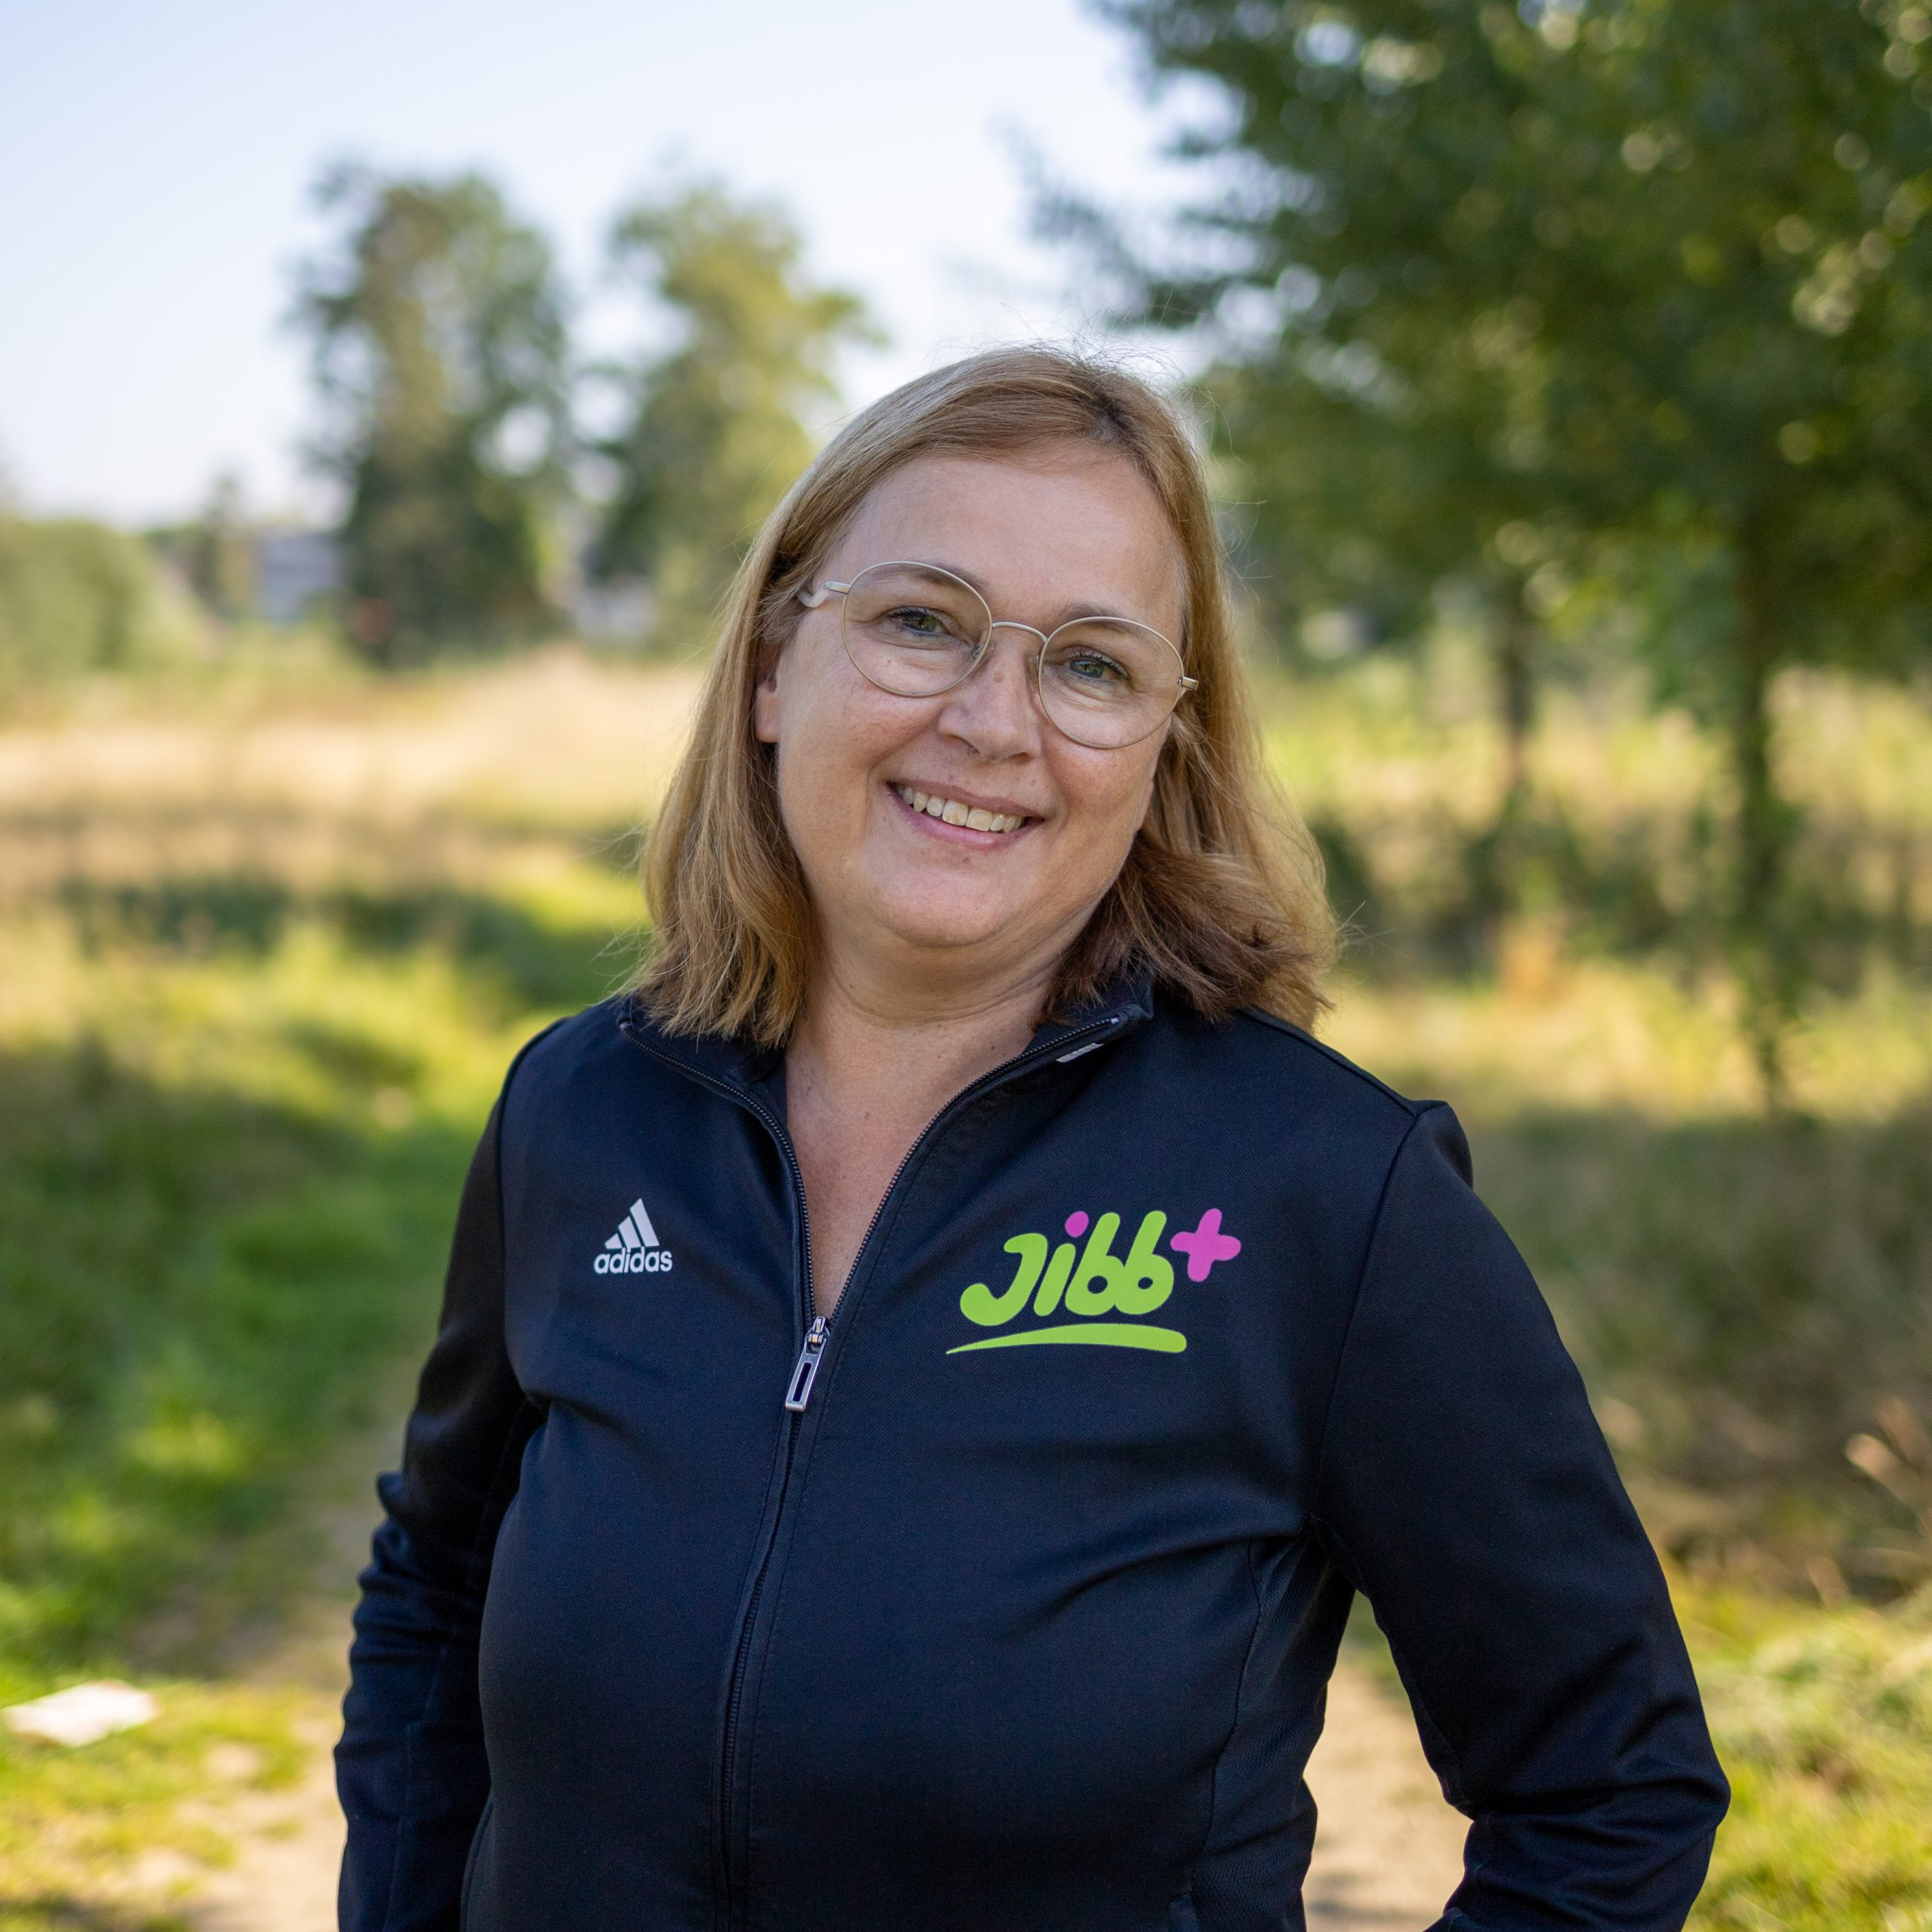 Jibb-Mieke